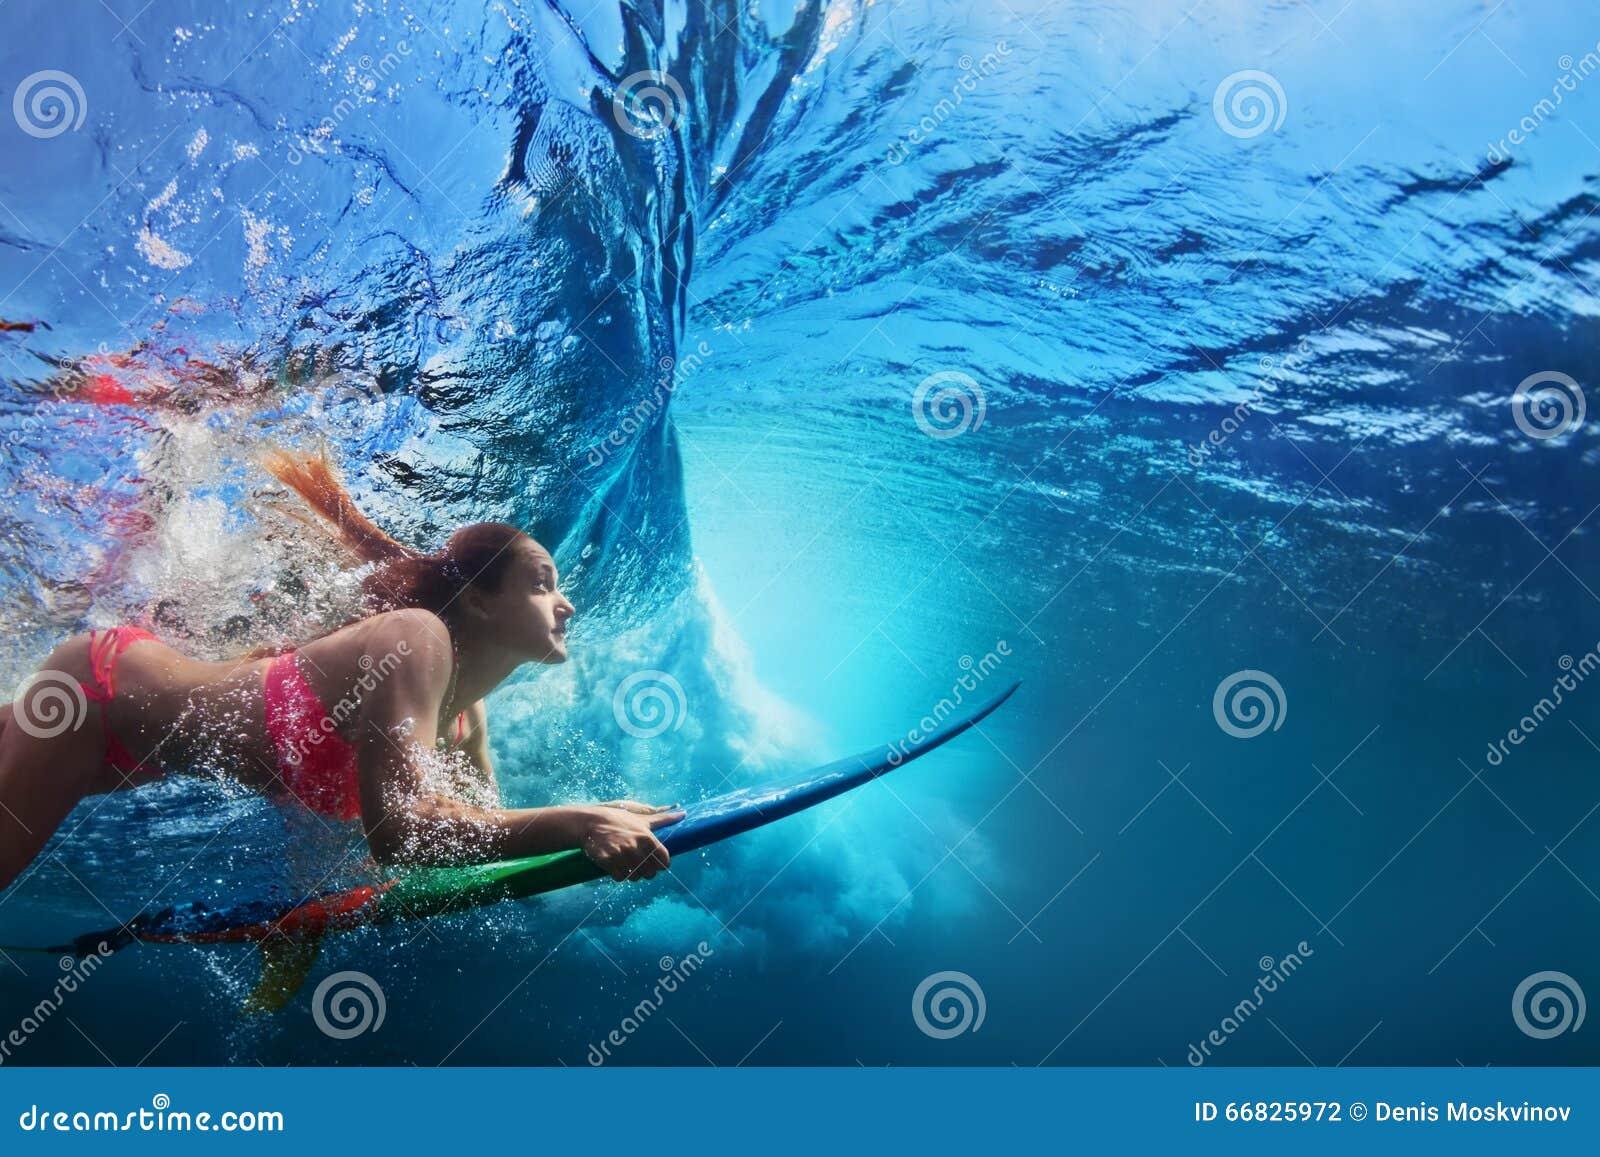 冲浪者在海浪下的女孩潜水水下的照片